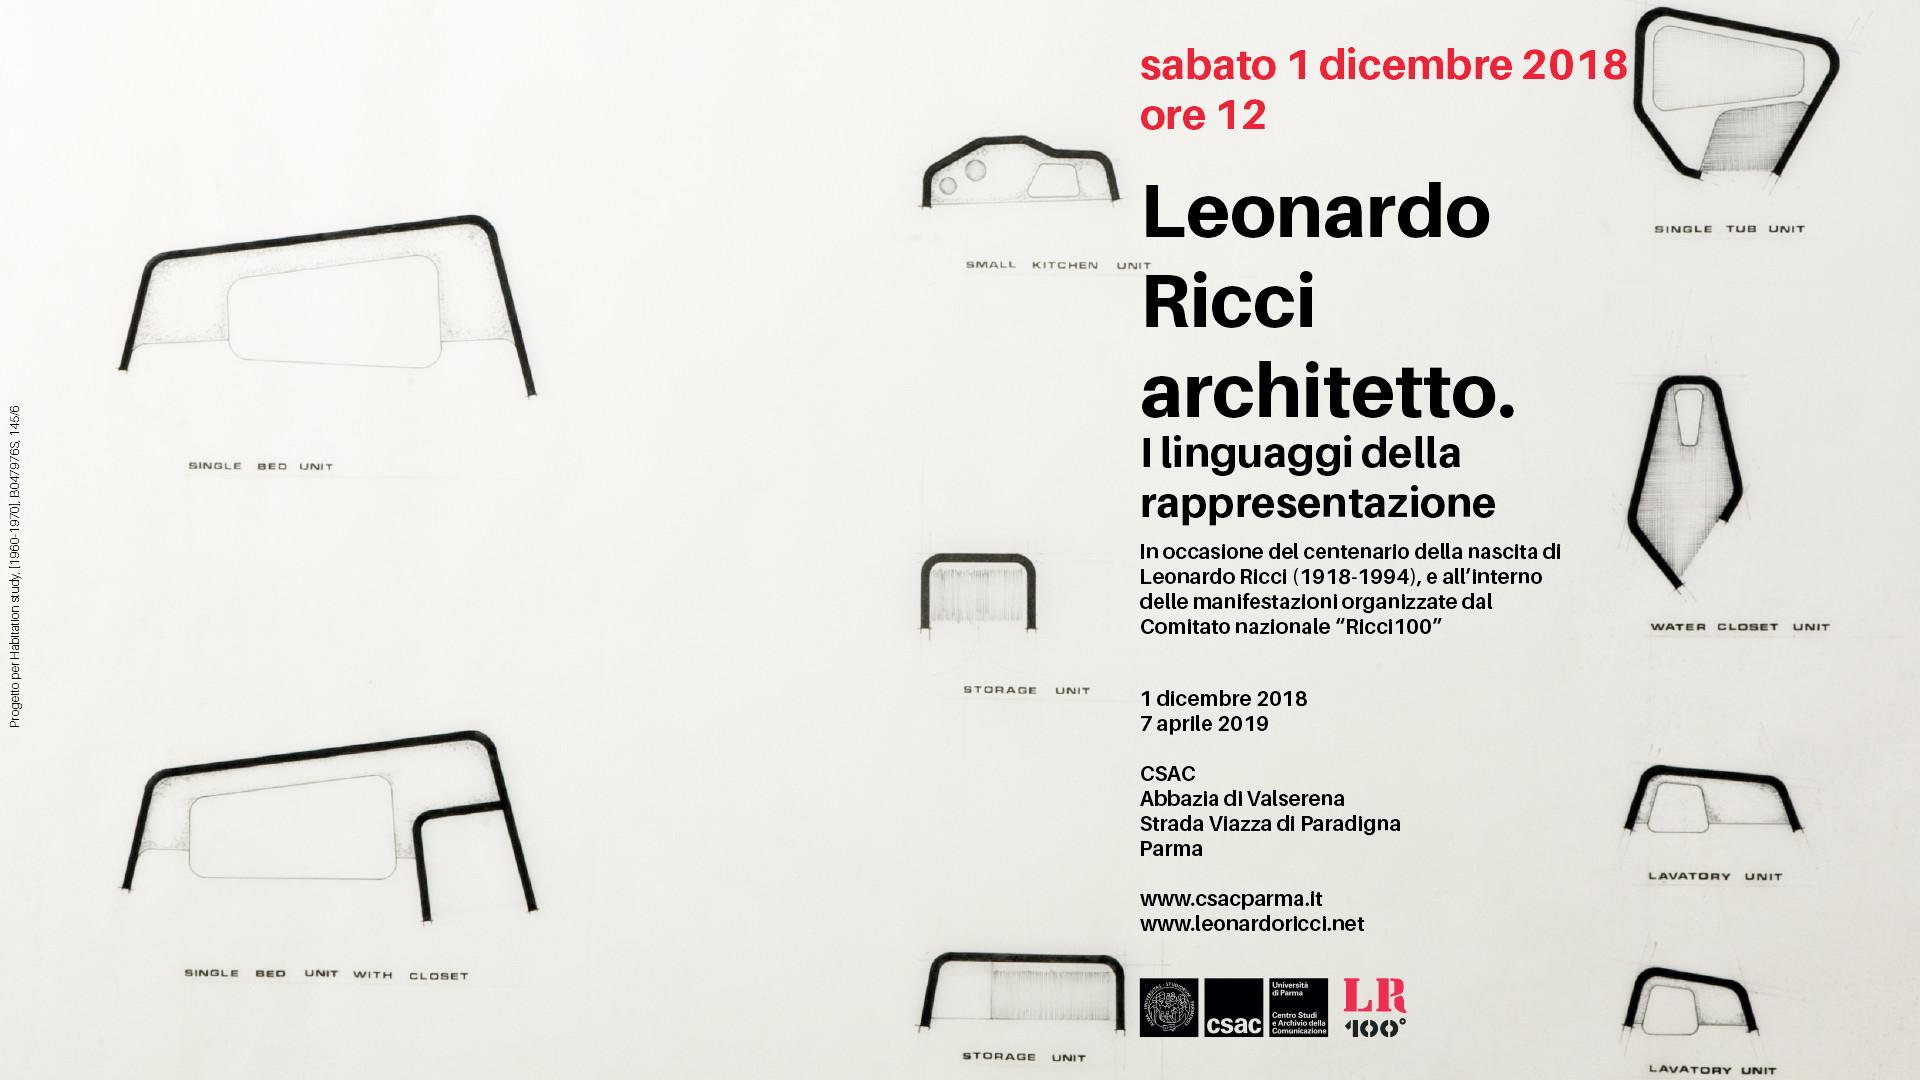 Leonardo Ricci architetto. I linguaggi della rappresentazione in mostra allo CSAC